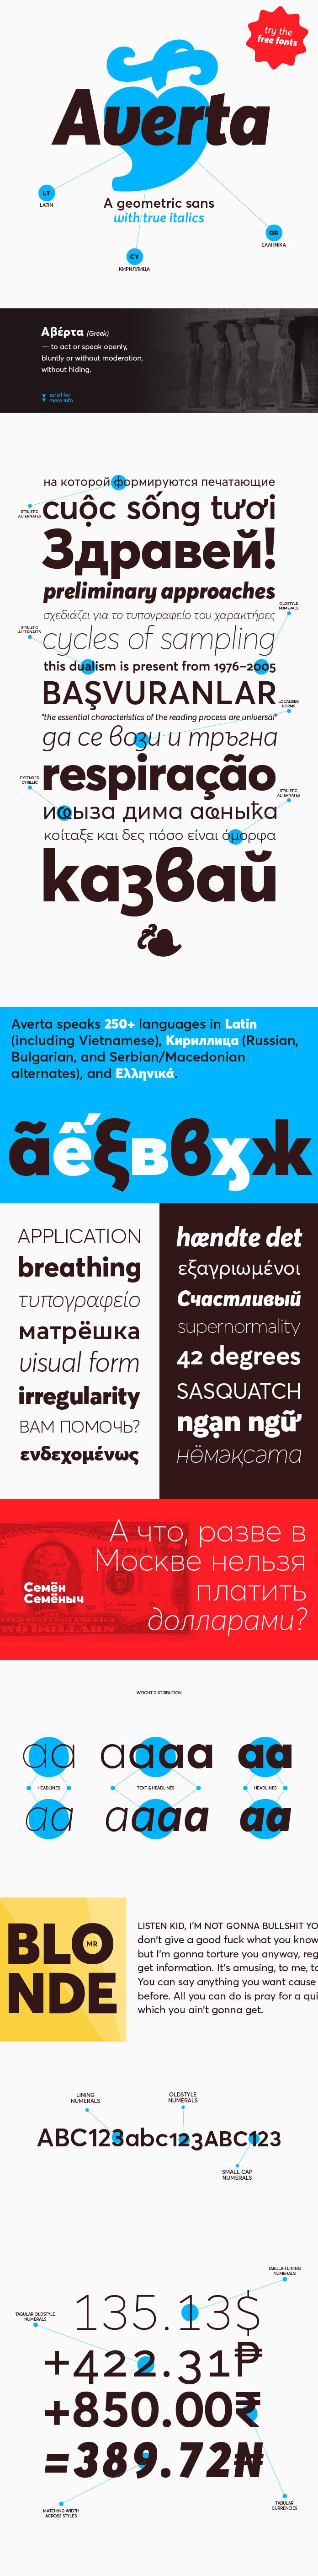 Averta Font - Dafont Free